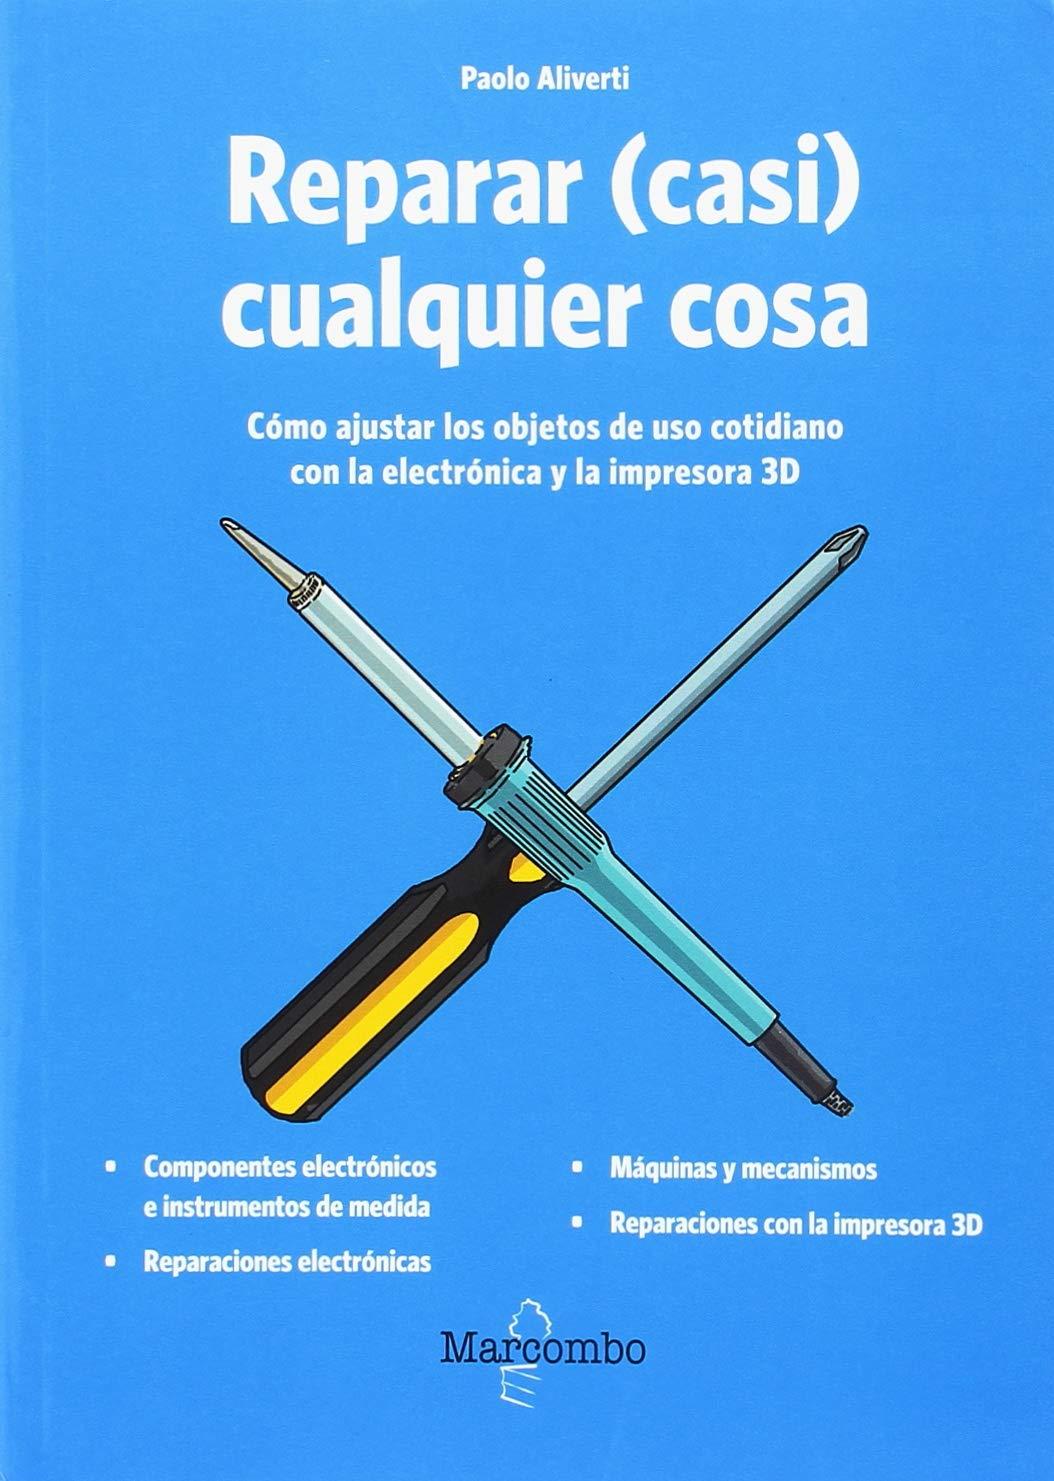 Reparar (casi) cualquier cosa: Amazon.es: Aliverti, Paolo: Libros